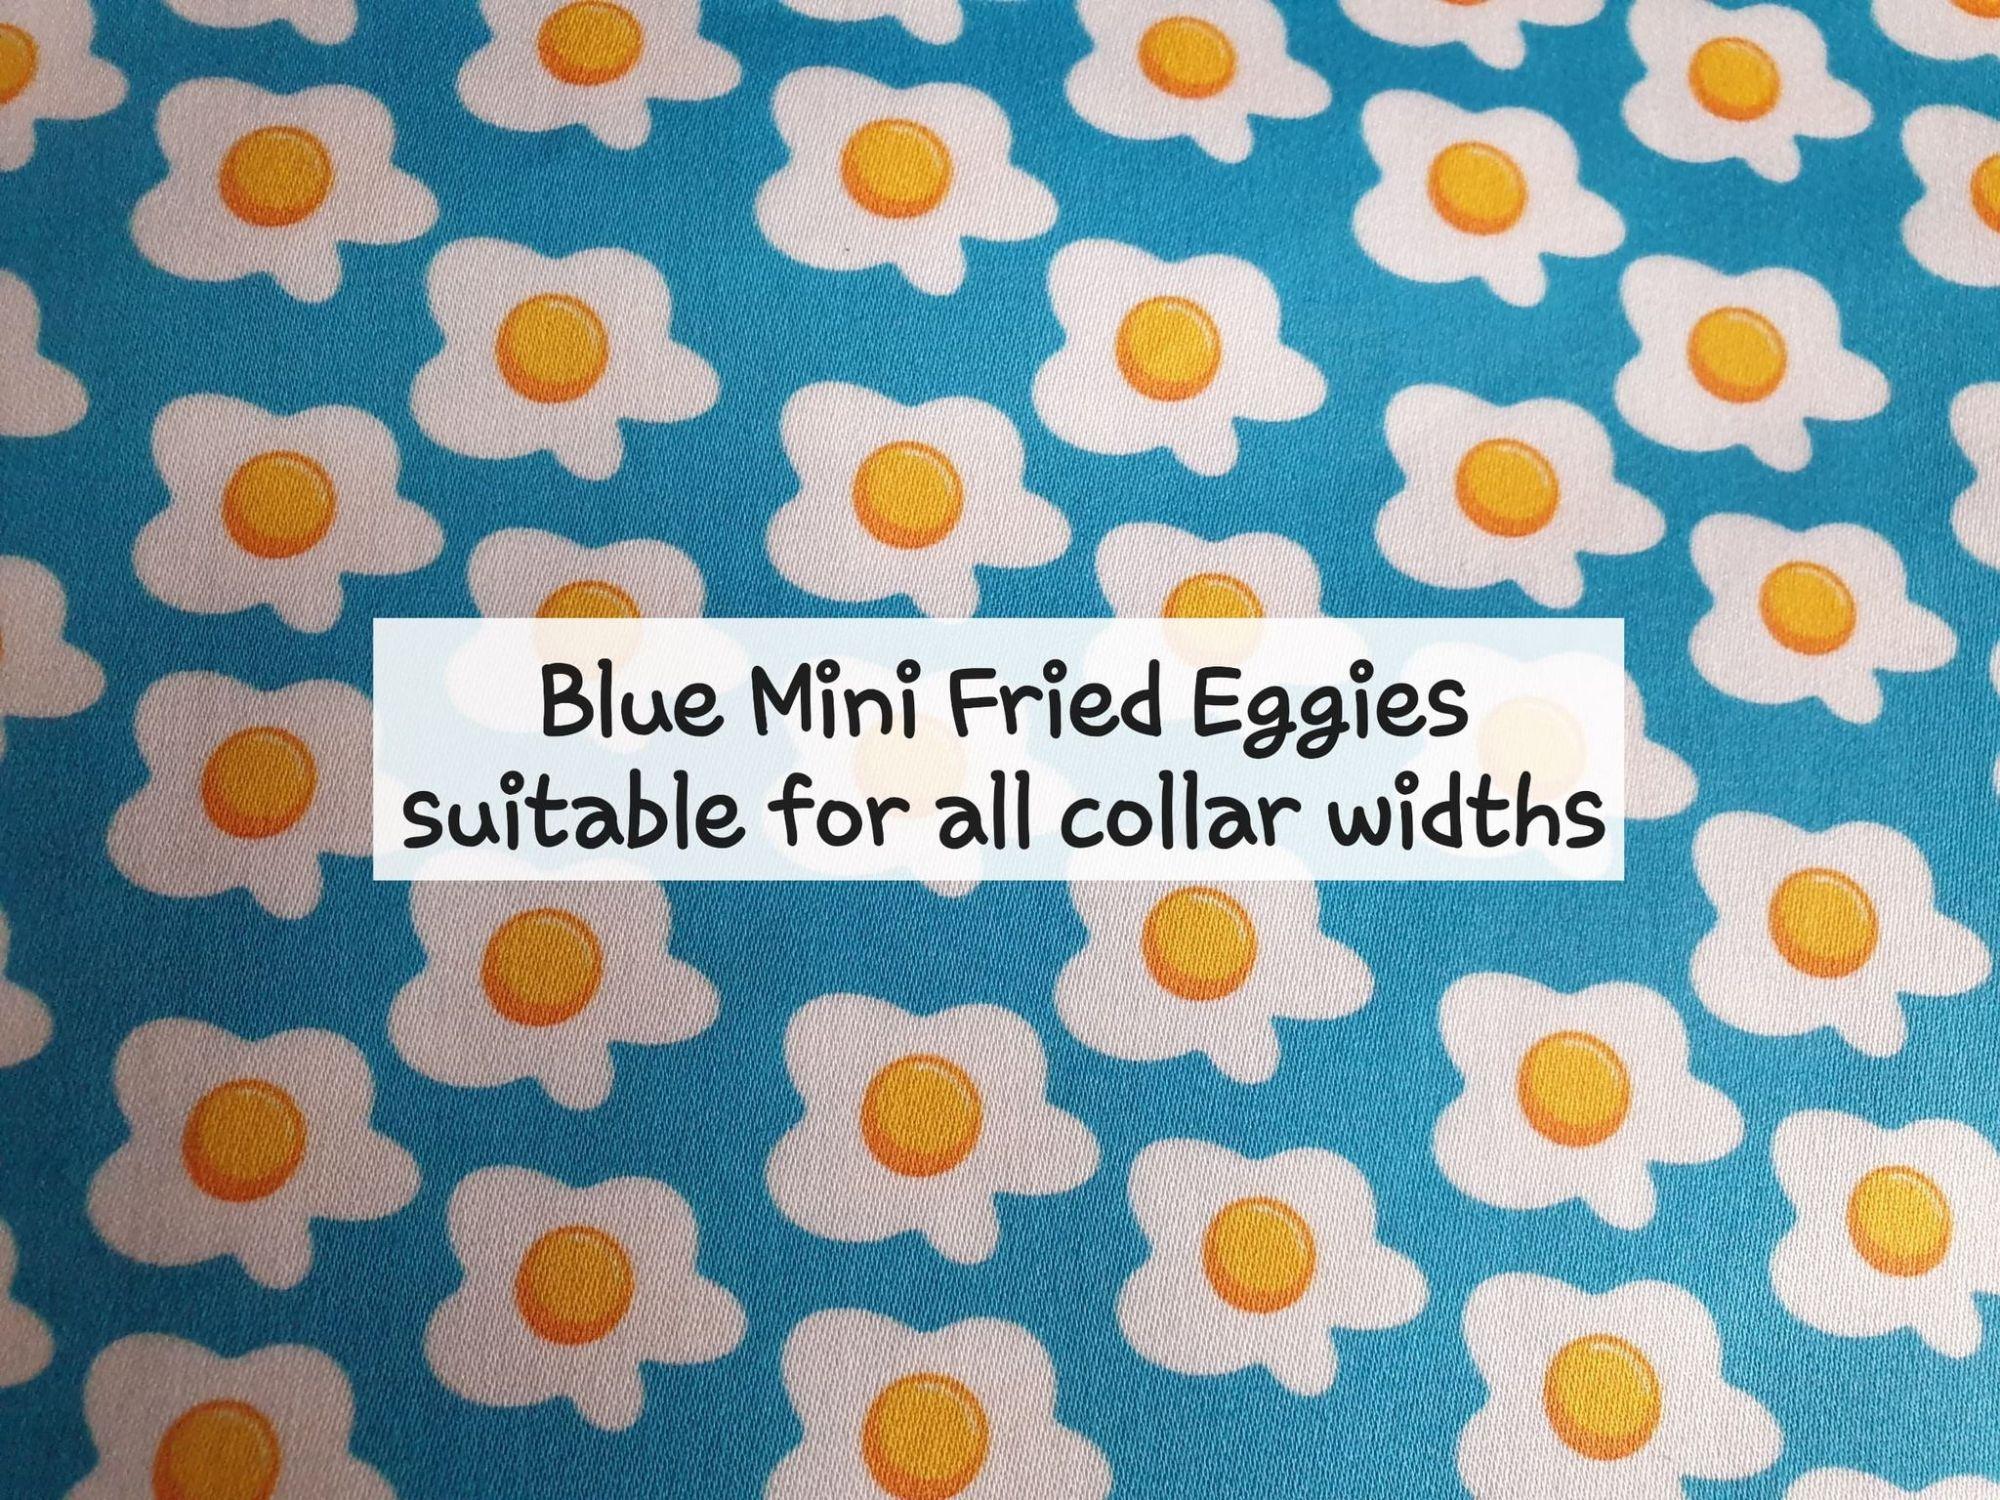 Blue Mini Fried Eggies